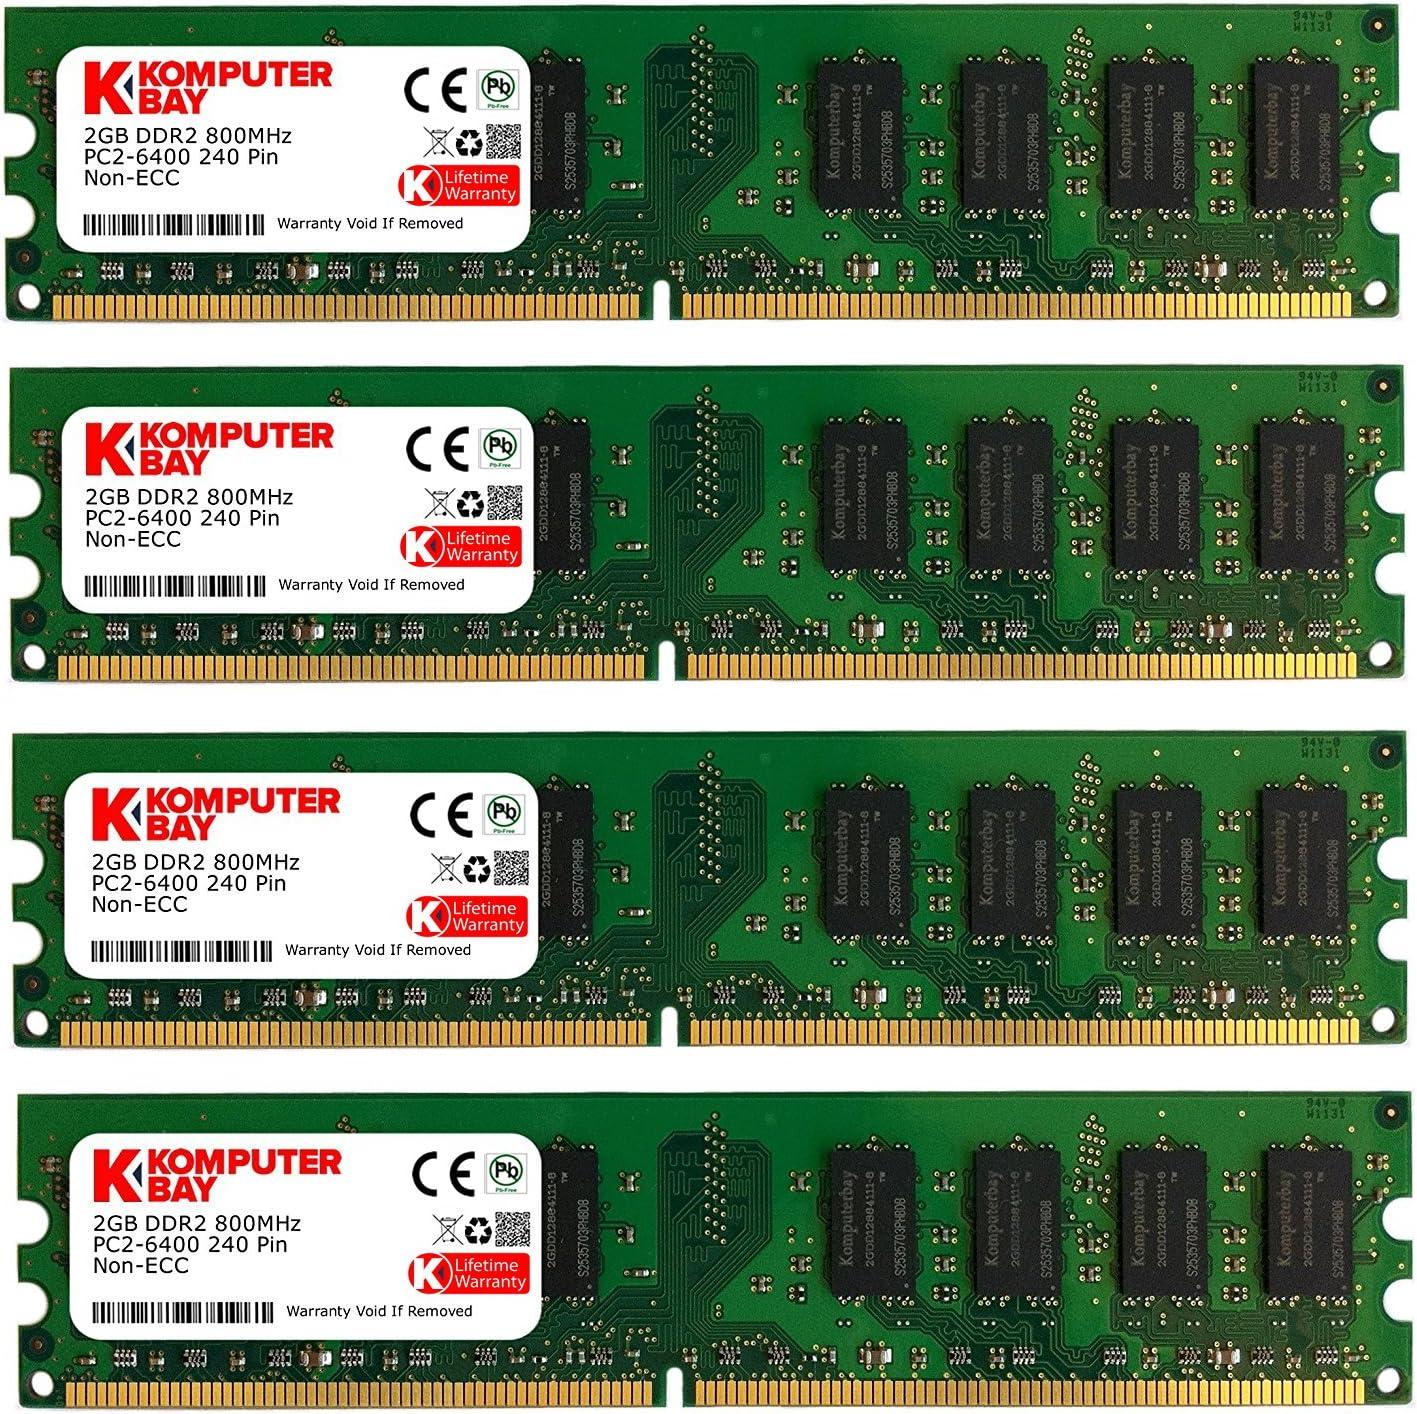 240-Pin SDRAM PC2 5300 KOMPUTERBAY 8 GB Memory Module 8 Dual Channel Kit DDR2 667